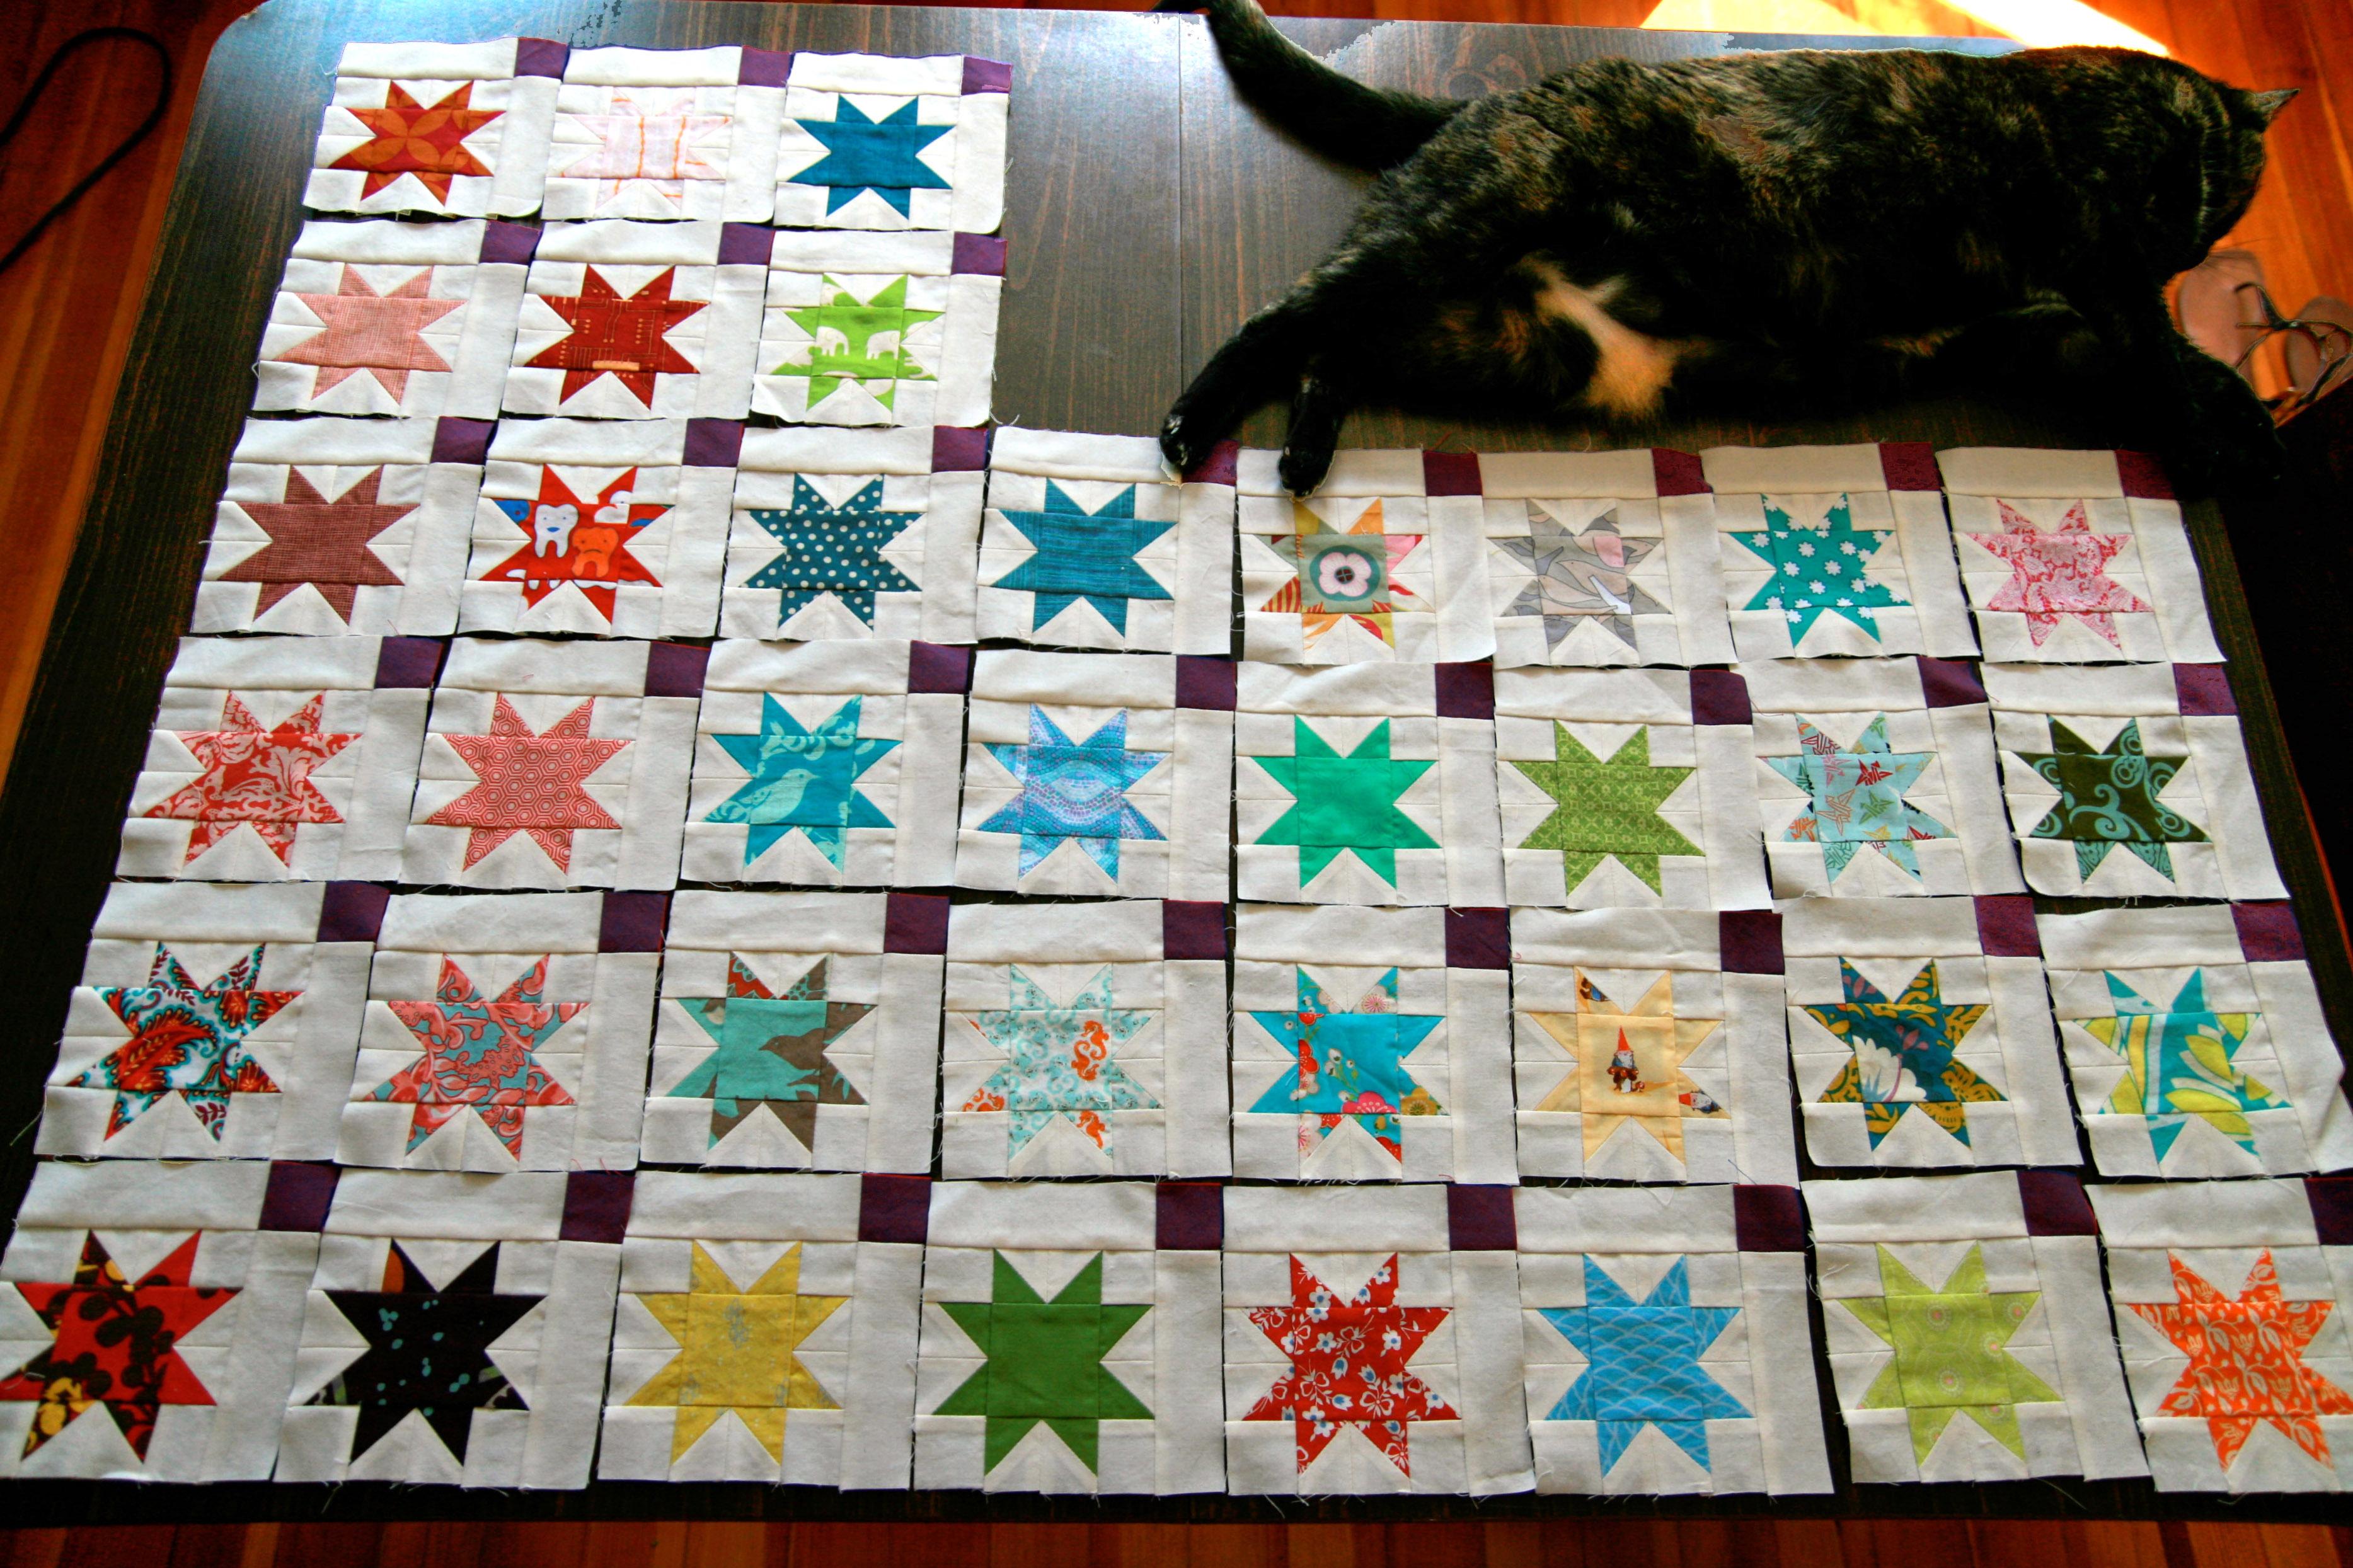 Hintergrundbilder : Sterne, Muster, Kunst, Oh mein Gott, KUNST ...